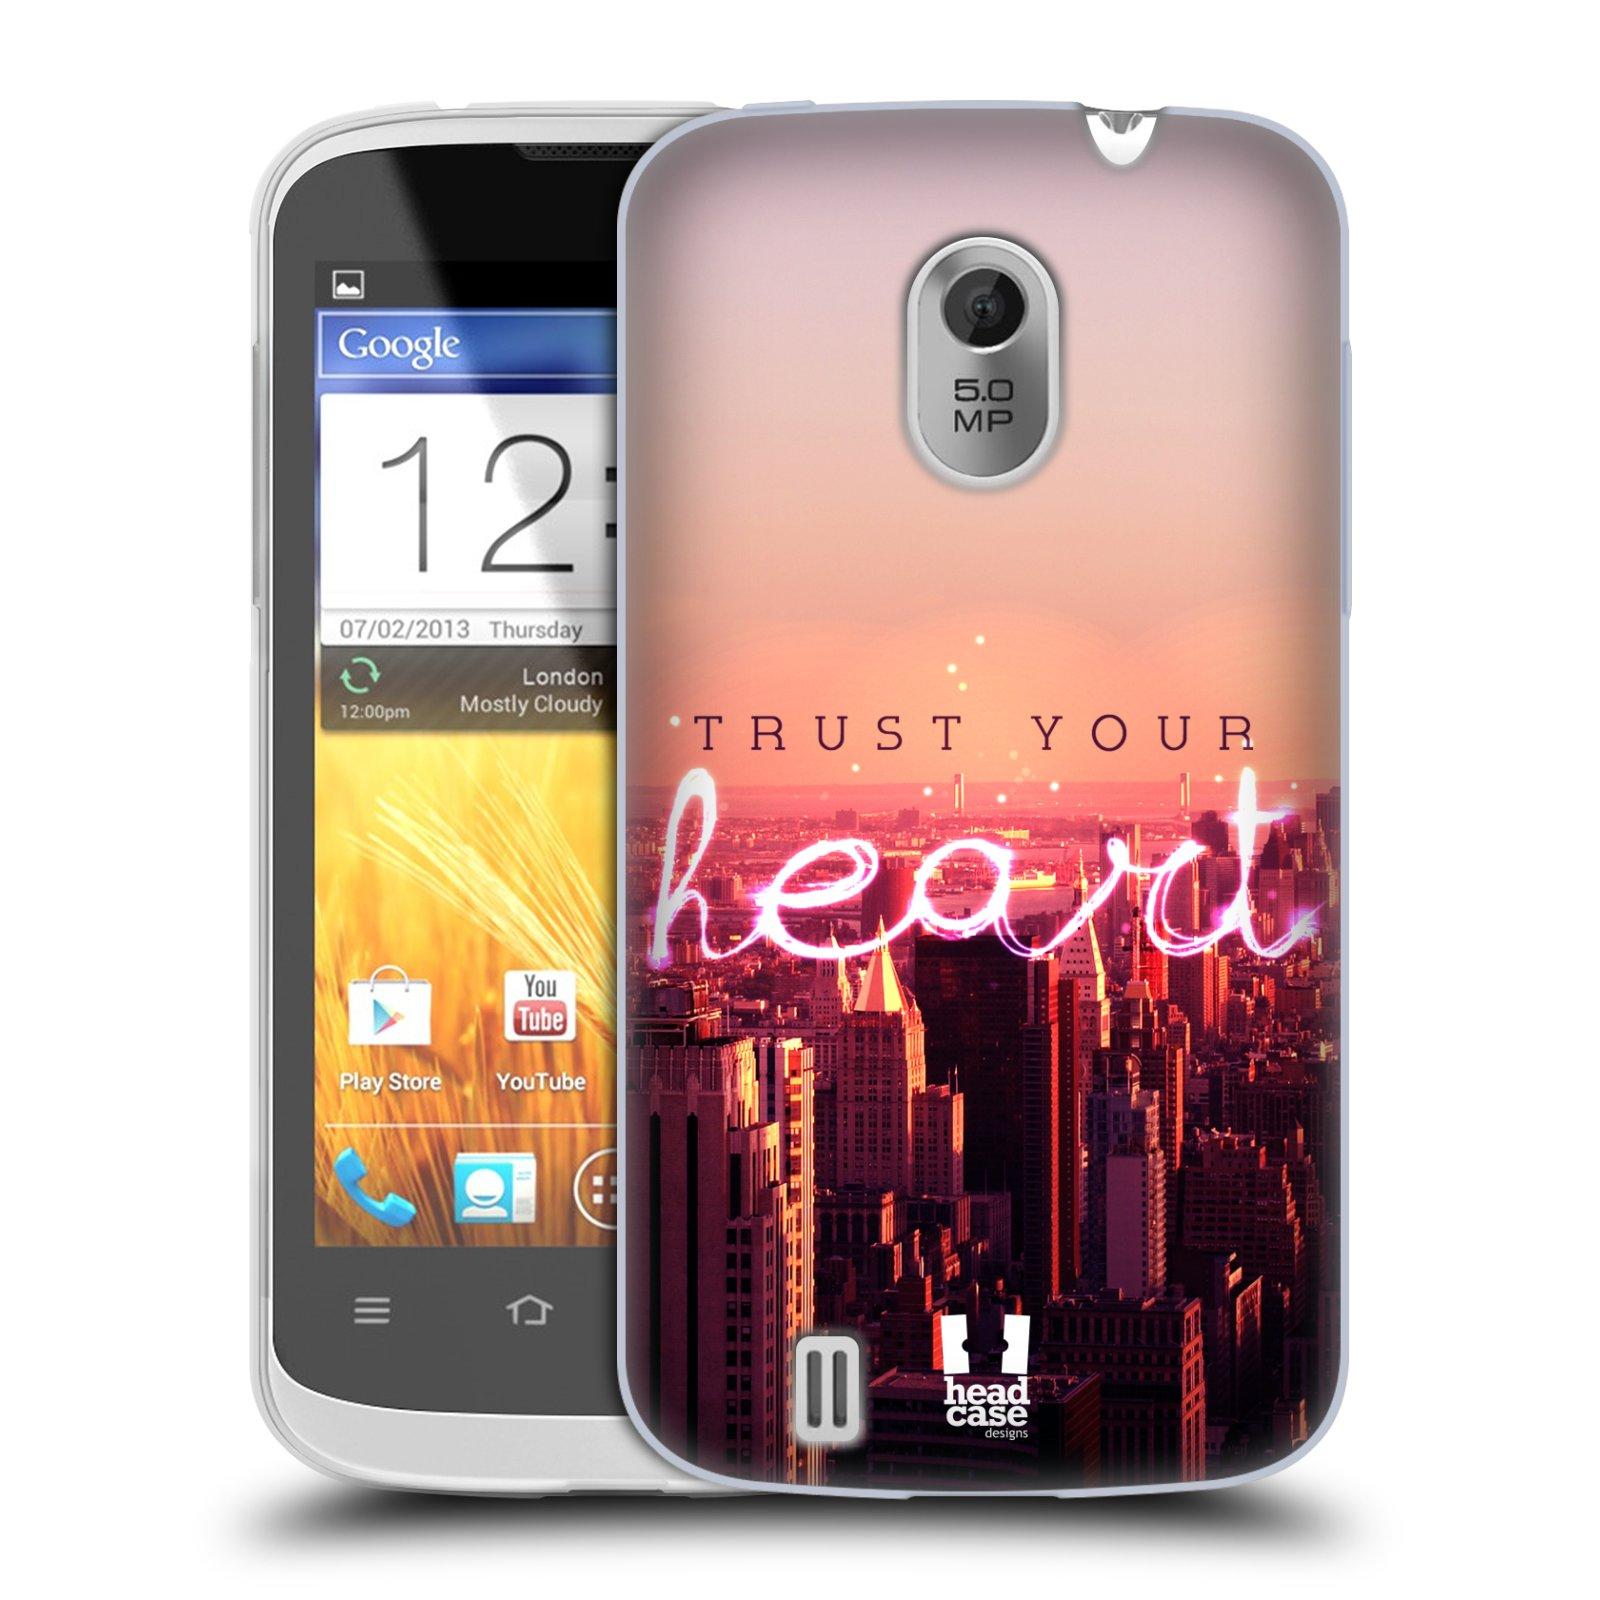 Silikonové pouzdro na mobil ZTE Blade III HEAD CASE TRUST YOUR HEART (Silikonový kryt či obal na mobilní telefon ZTE Blade 3)